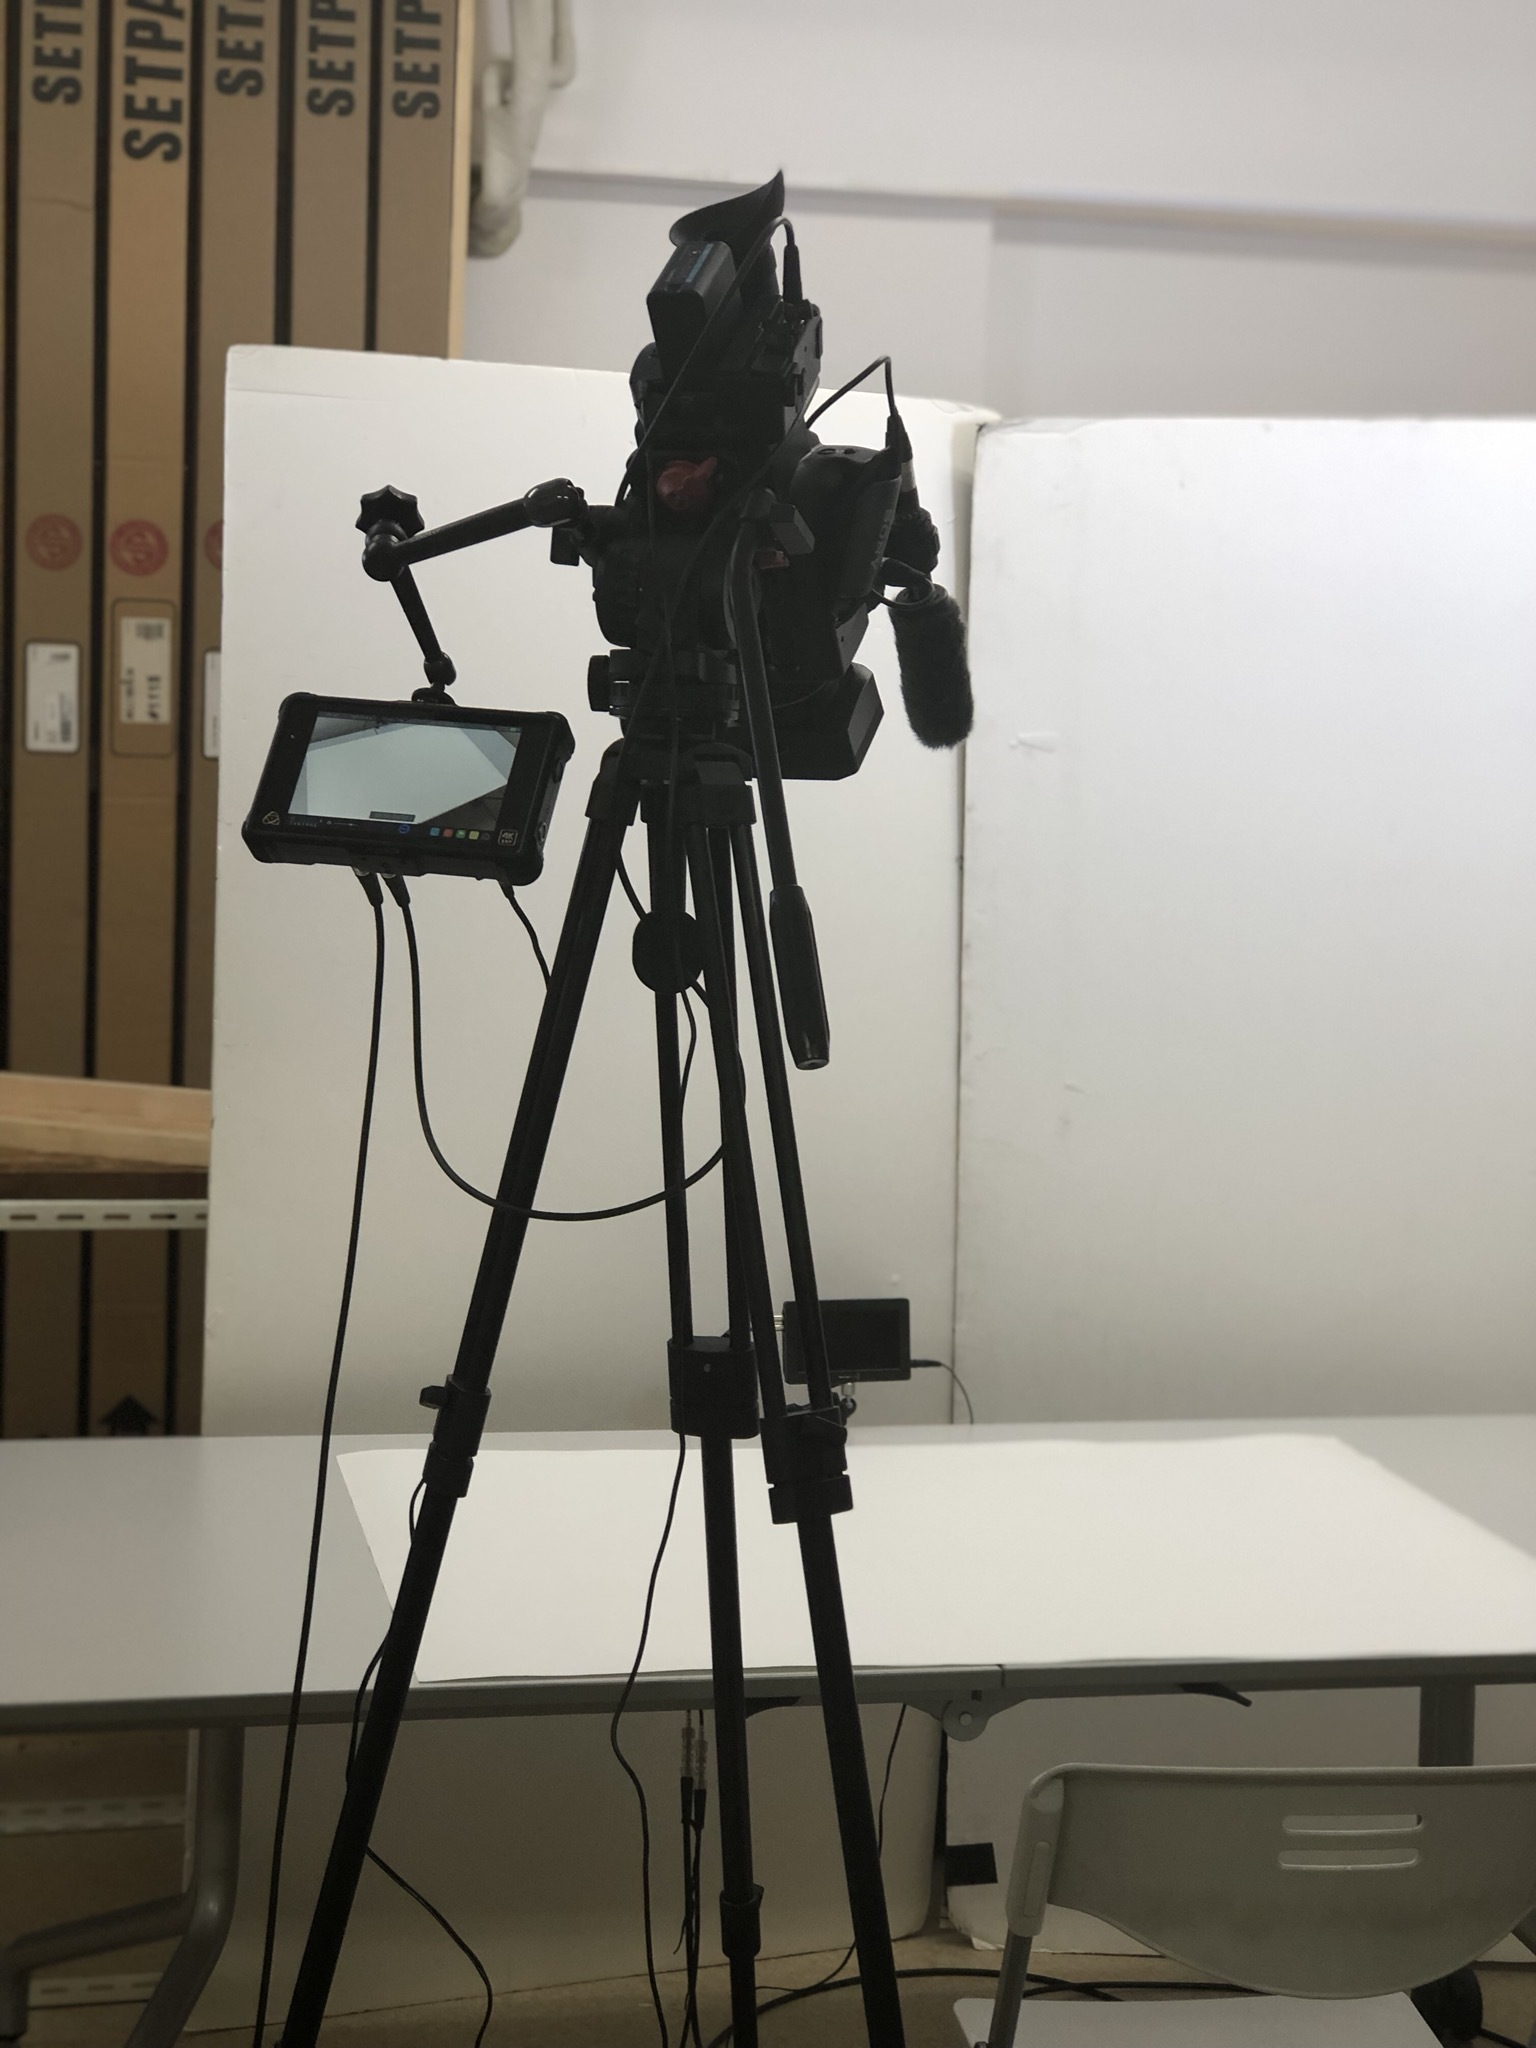 昨日もリボン刺しゅうオンライン講座の動画撮影に行ってきました_a0157409_09551828.jpeg